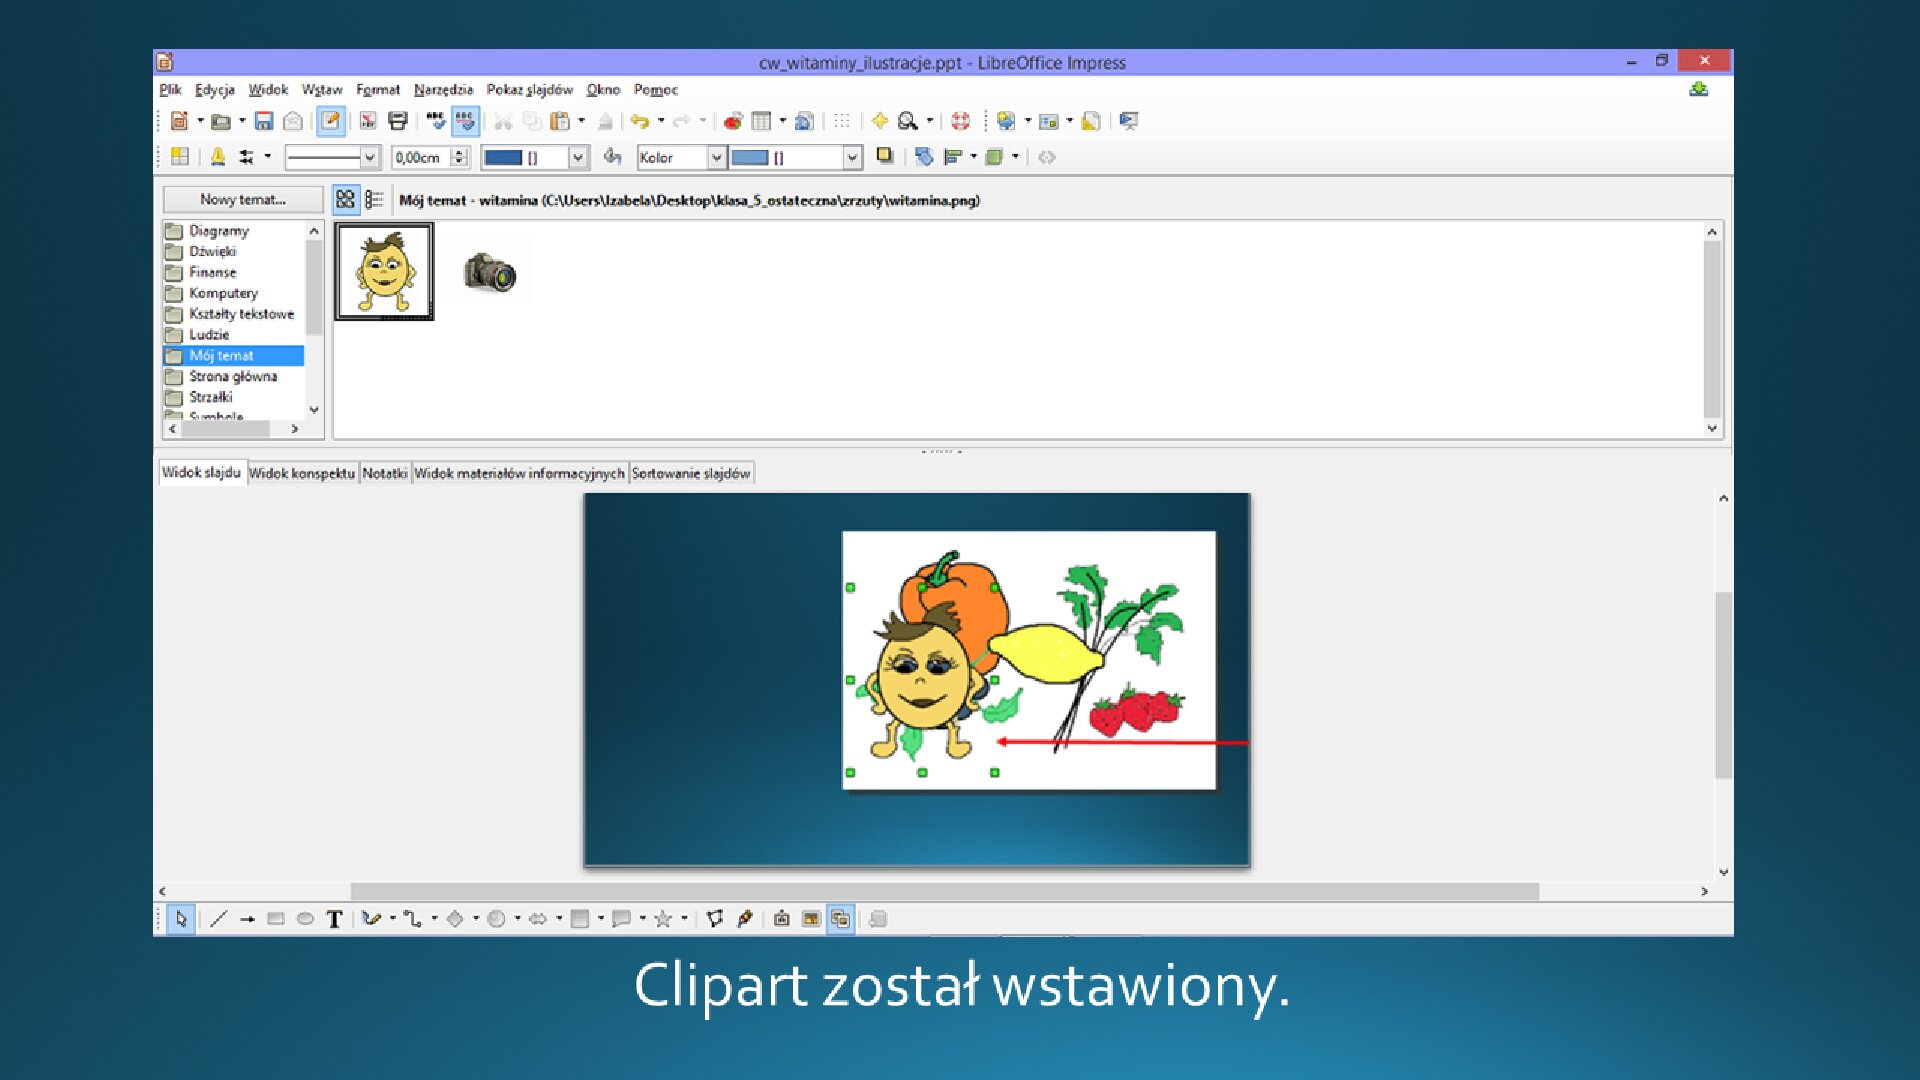 Slajd 4 galerii zrzutów slajdów: Wstawianie clipartu na slajd opustym układzie wprogramie LibreOffice Impress